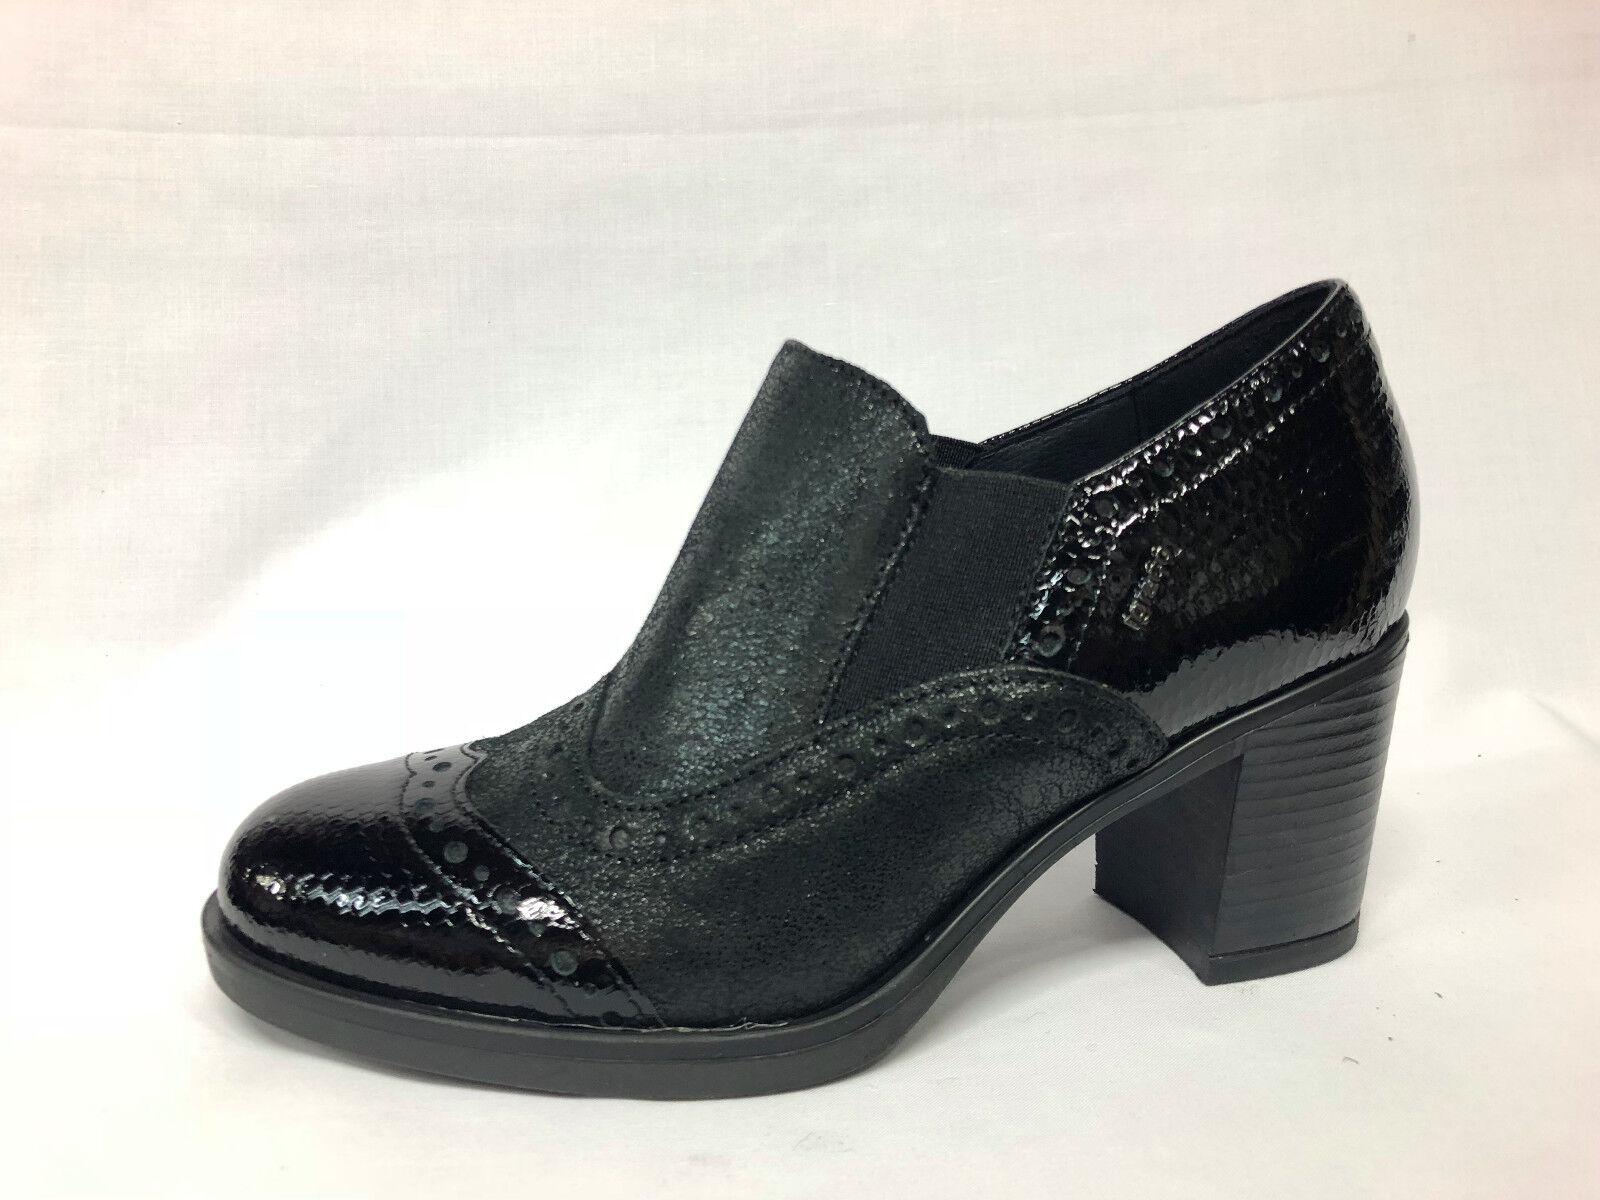 Scarpe accollate Igi&co 88441 00 pelle laminata e vernice nera nera nera list 89,90 -20% | Rifornimento Sufficiente  | Uomo/Donne Scarpa  ed8639